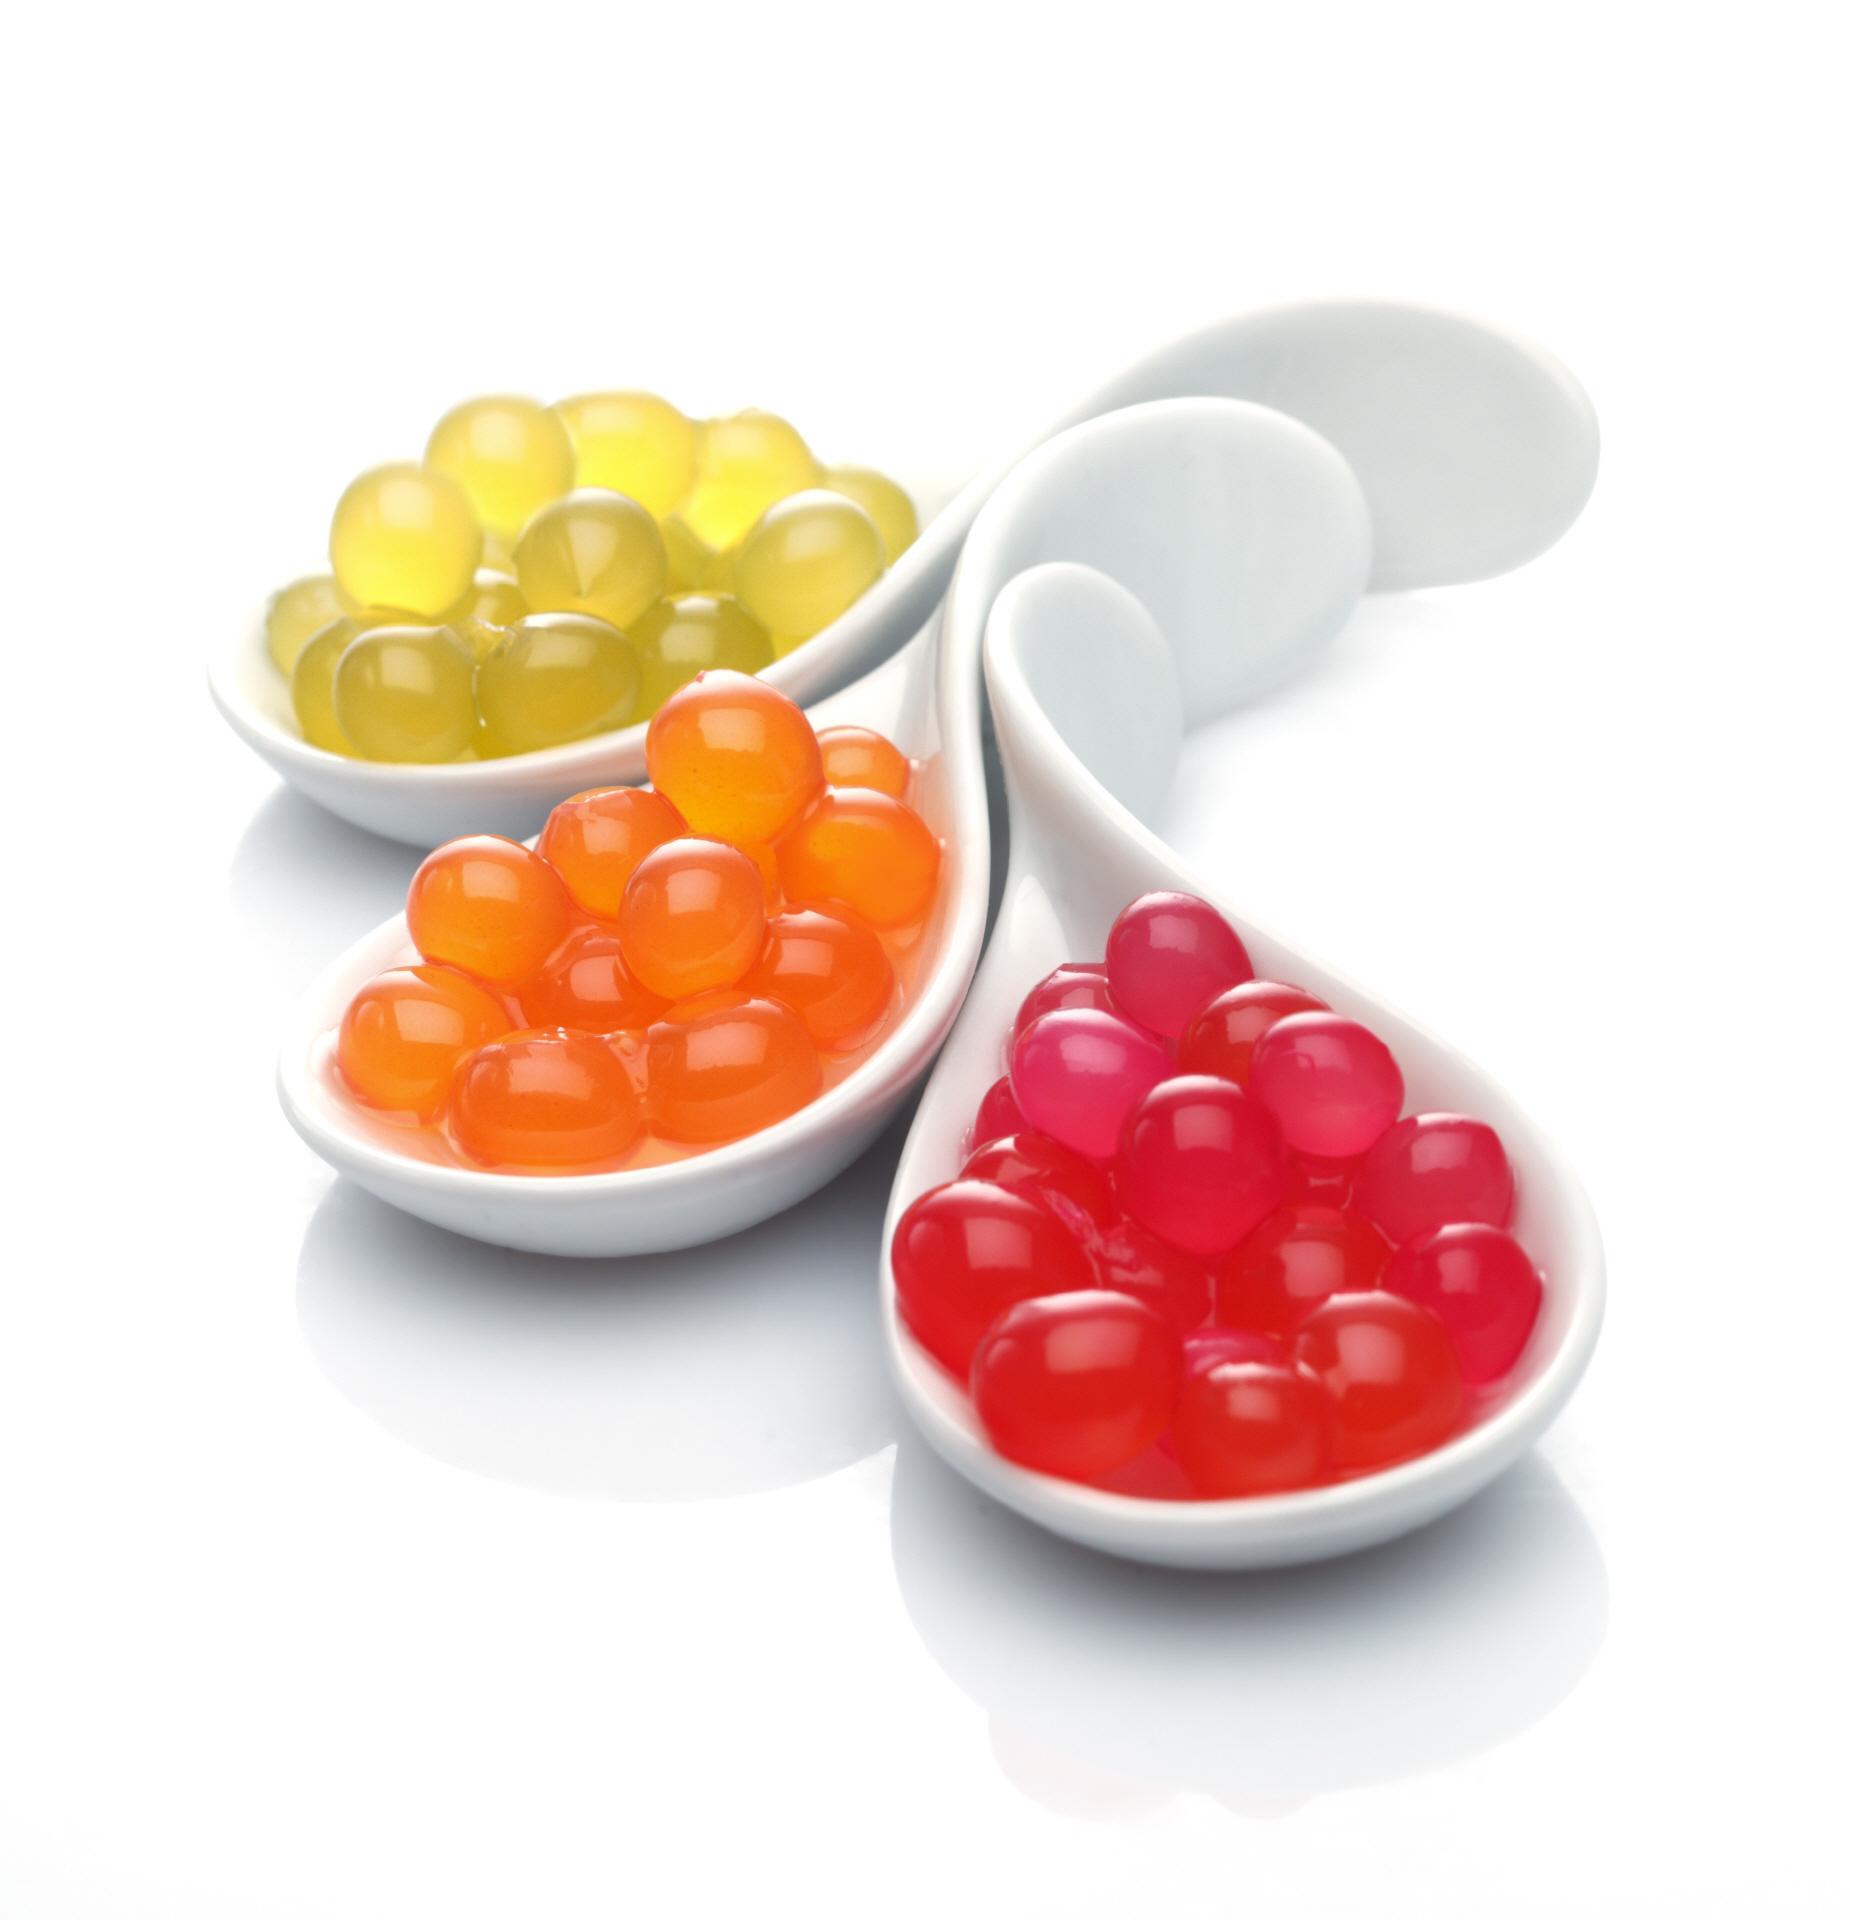 Kochshop Molekularküchen Shop - Hilfsmittel aus der Molekularen Küche